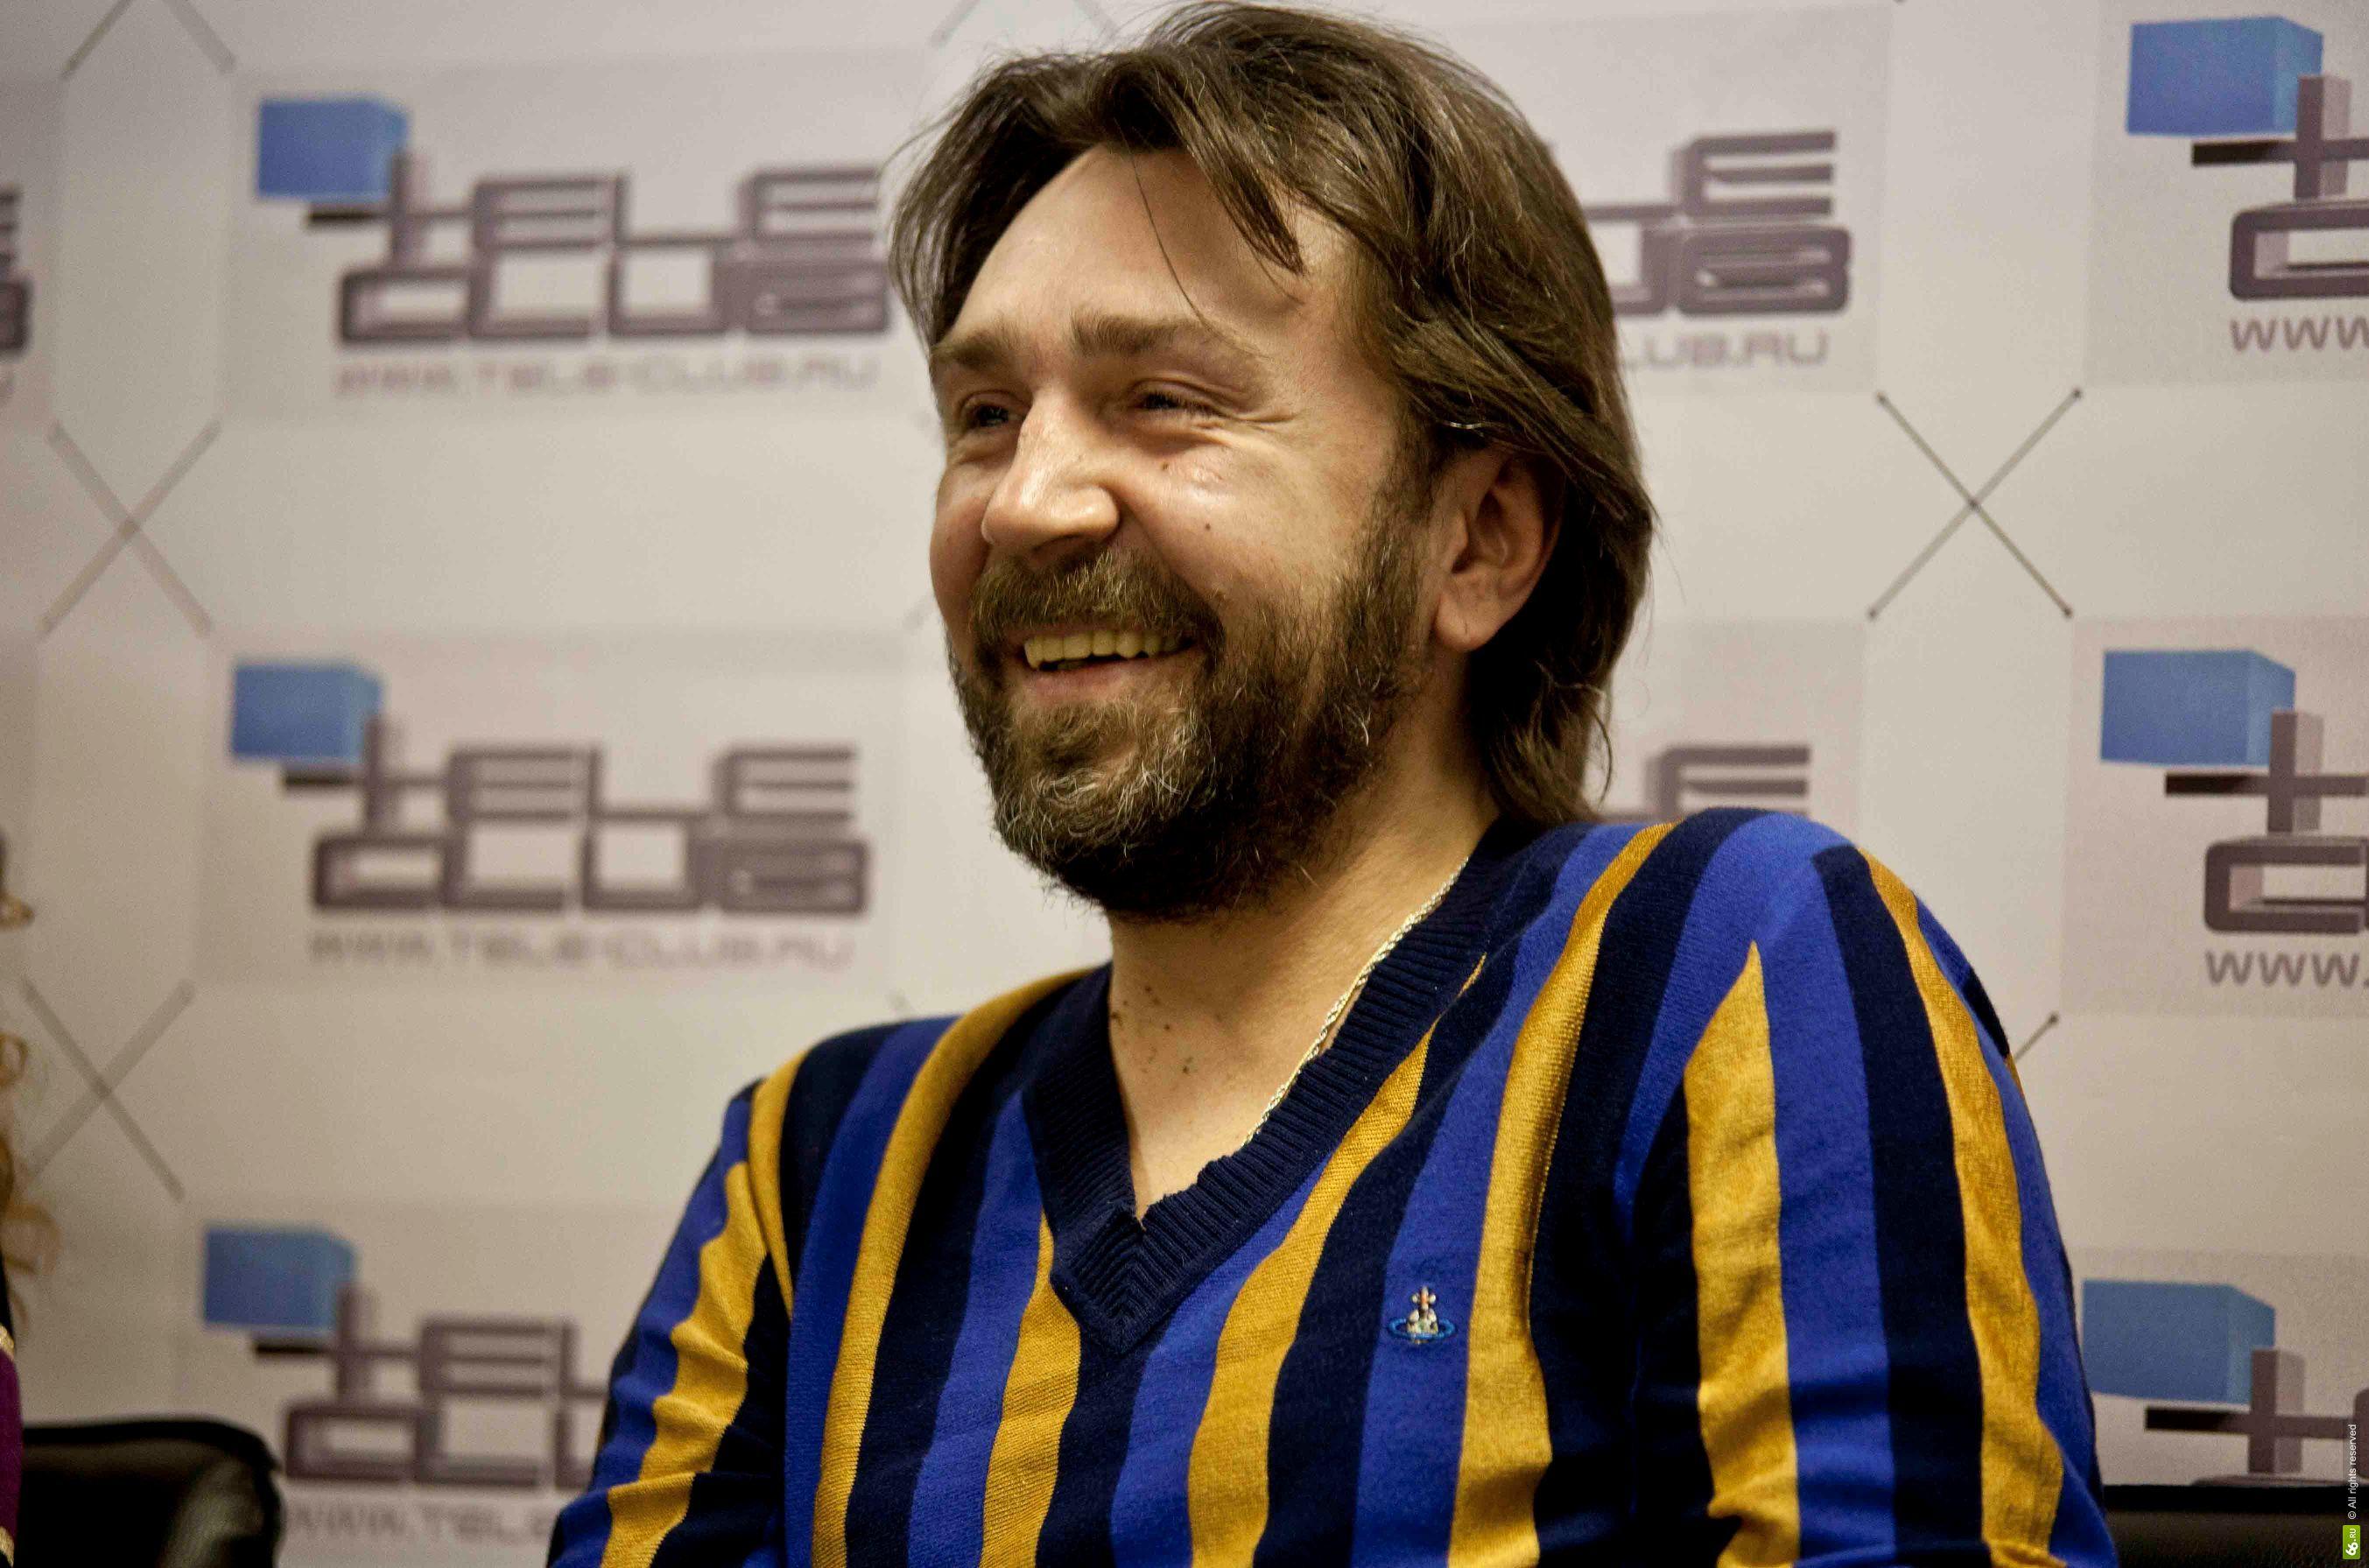 Cегодня свой 41 день рождения празднует российский рок-музыкант, лидер группы «Ленинград» Сергей Шнуров   - Изображение 1